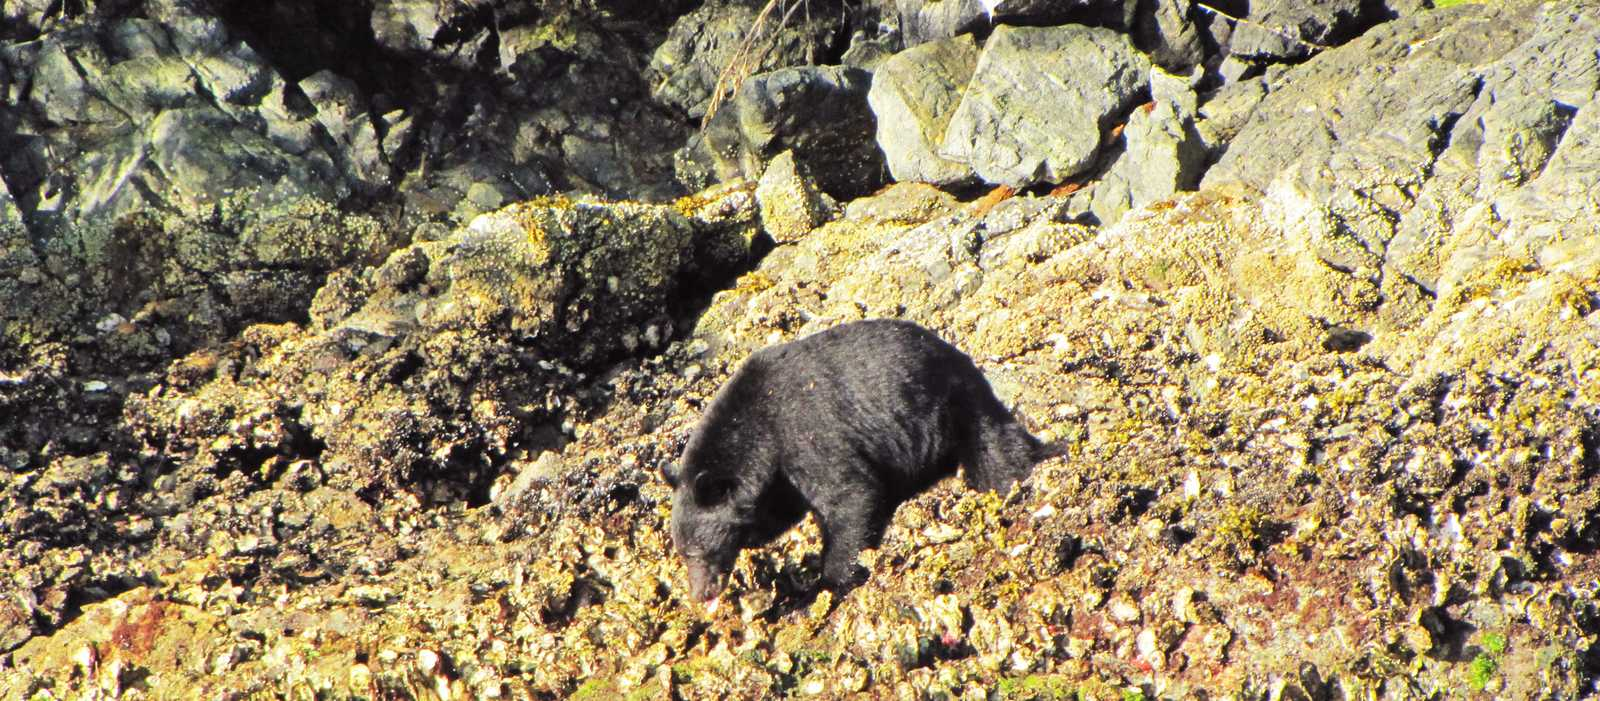 Schwarzbären auf Vancouver Island